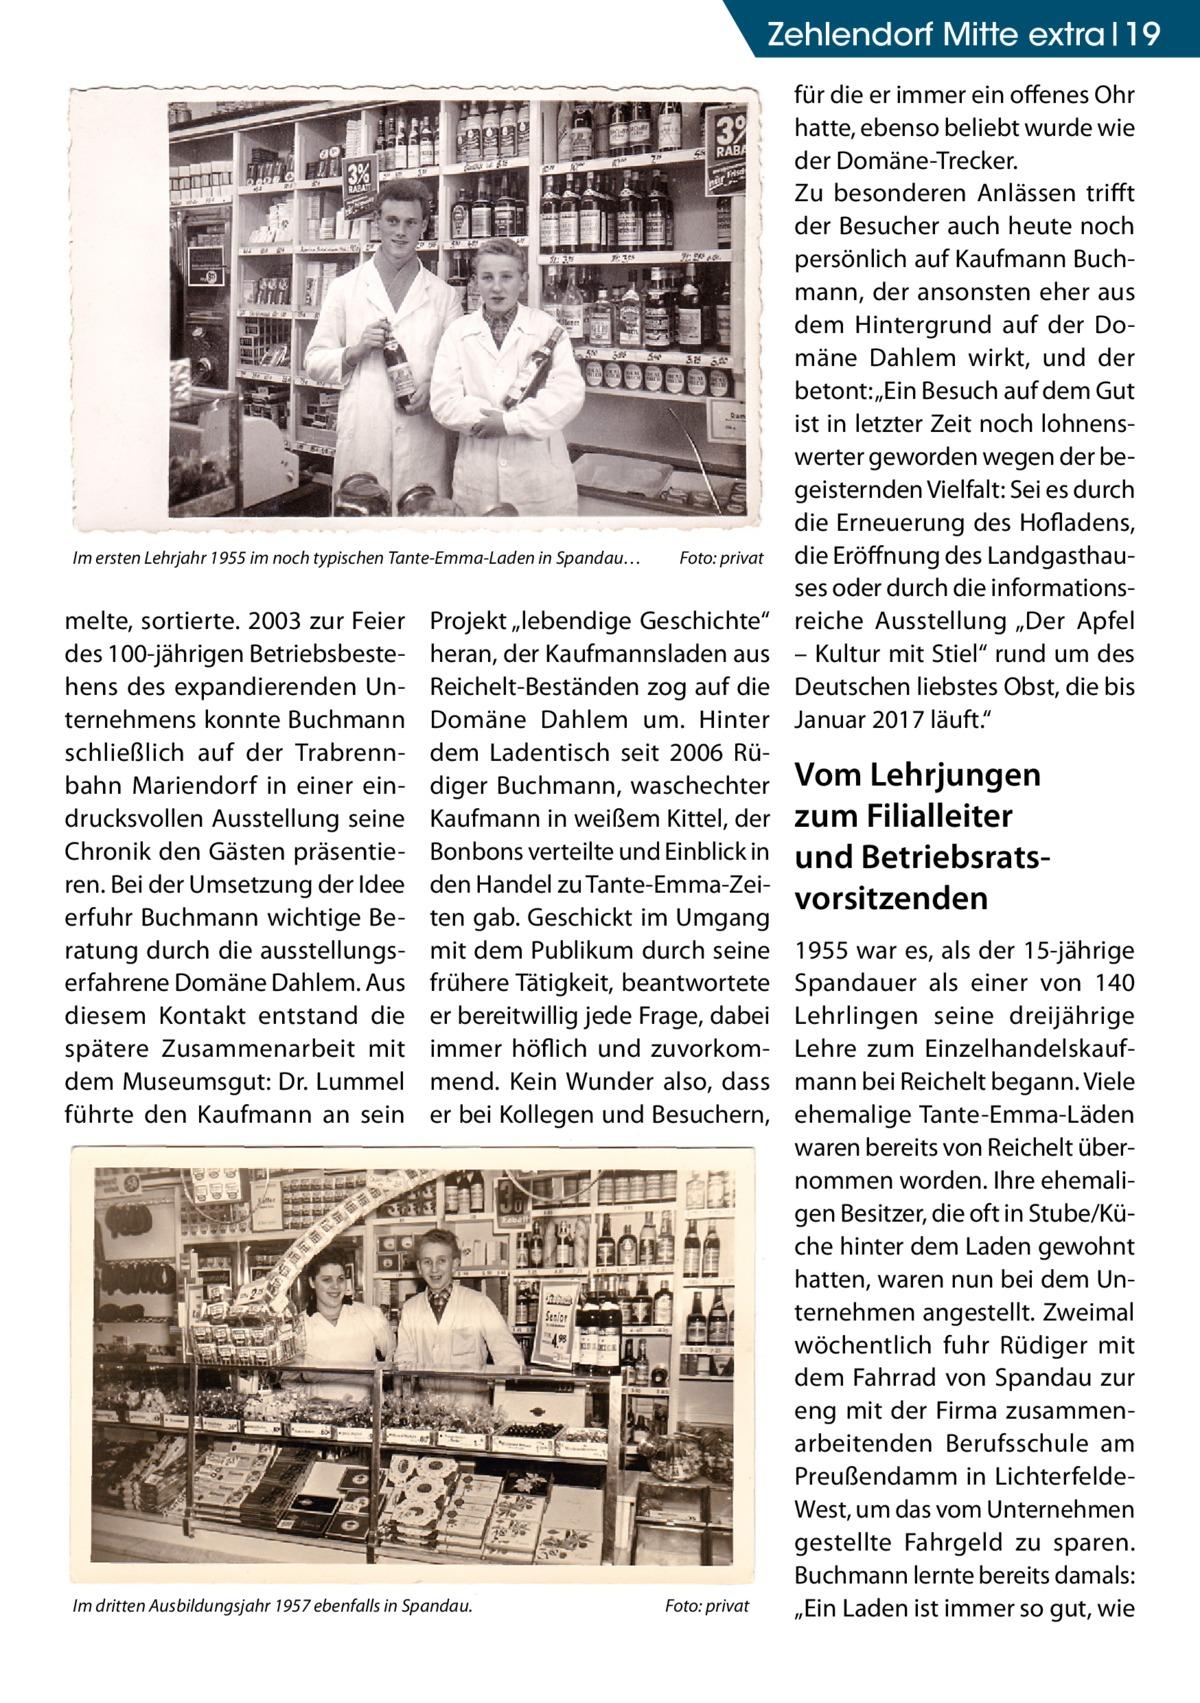 """Zehlendorf Mitte Ratgeber extra 19  Im ersten Lehrjahr 1955 im noch typischen Tante-Emma-Laden in Spandau…�  melte, sortierte. 2003 zur Feier des 100-jährigen Betriebsbestehens des expandierenden Unternehmens konnte Buchmann schließlich auf der Trabrennbahn Mariendorf in einer eindrucksvollen Ausstellung seine Chronik den Gästen präsentieren. Bei der Umsetzung der Idee erfuhr Buchmann wichtige Beratung durch die ausstellungserfahrene Domäne Dahlem. Aus diesem Kontakt entstand die spätere Zusammenarbeit mit dem Museumsgut: Dr. Lummel führte den Kaufmann an sein  Foto: privat  Projekt """"lebendige Geschichte"""" heran, der Kaufmannsladen aus Reichelt-Beständen zog auf die Domäne Dahlem um. Hinter dem Ladentisch seit 2006 Rüdiger Buchmann, waschechter Kaufmann in weißem Kittel, der Bonbons verteilte und Einblick in den Handel zu Tante-Emma-Zeiten gab. Geschickt im Umgang mit dem Publikum durch seine frühere Tätigkeit, beantwortete er bereitwillig jede Frage, dabei immer höflich und zuvorkommend. Kein Wunder also, dass er bei Kollegen und Besuchern,  Im dritten Ausbildungsjahr 1957 ebenfalls in Spandau. �  Foto: privat  für die er immer ein offenes Ohr hatte, ebenso beliebt wurde wie der Domäne-Trecker. Zu besonderen Anlässen trifft der Besucher auch heute noch persönlich auf Kaufmann Buchmann, der ansonsten eher aus dem Hintergrund auf der Domäne Dahlem wirkt, und der betont: """"Ein Besuch auf dem Gut ist in letzter Zeit noch lohnenswerter geworden wegen der begeisternden Vielfalt: Sei es durch die Erneuerung des Hofladens, die Eröffnung des Landgasthauses oder durch die informationsreiche Ausstellung """"Der Apfel – Kultur mit Stiel"""" rund um des Deutschen liebstes Obst, die bis Januar 2017 läuft.""""  Vom Lehrjungen zum Filialleiter und Betriebsrats vorsitzenden 1955 war es, als der 15-jährige Spandauer als einer von 140 Lehrlingen seine dreijährige Lehre zum Einzelhandelskaufmann bei Reichelt begann. Viele ehemalige Tante-Emma-Läden waren bereits von Reichelt übernommen worden. I"""